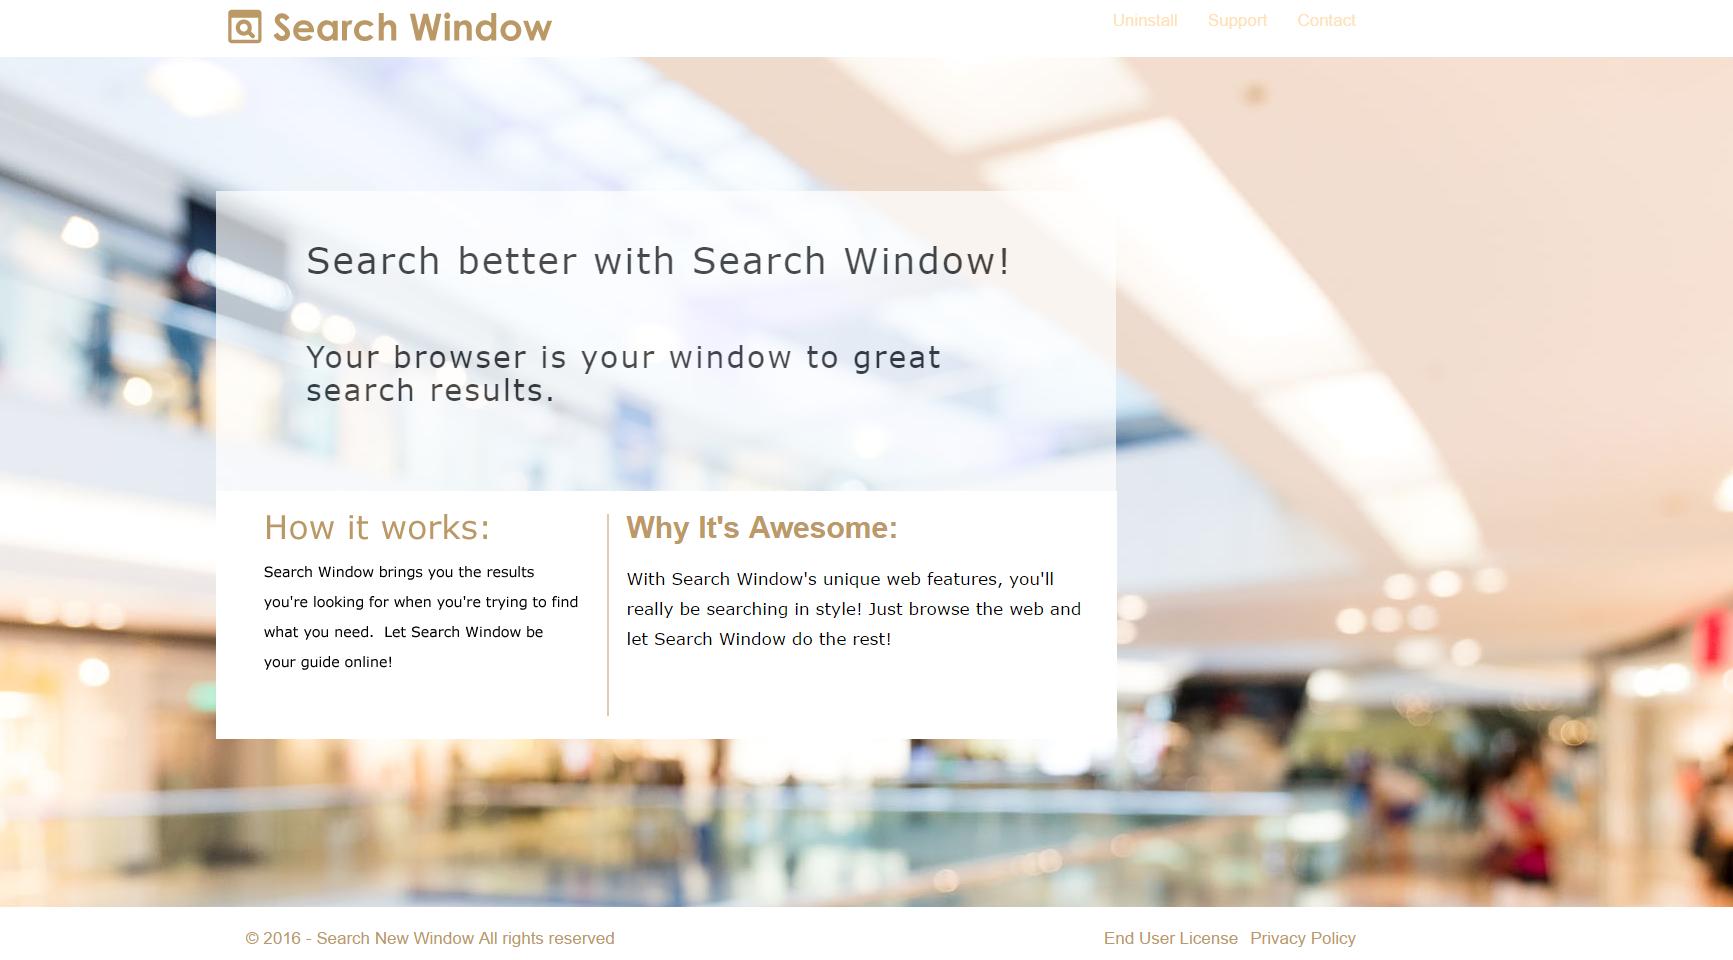 Searchnewwindow.com Ads